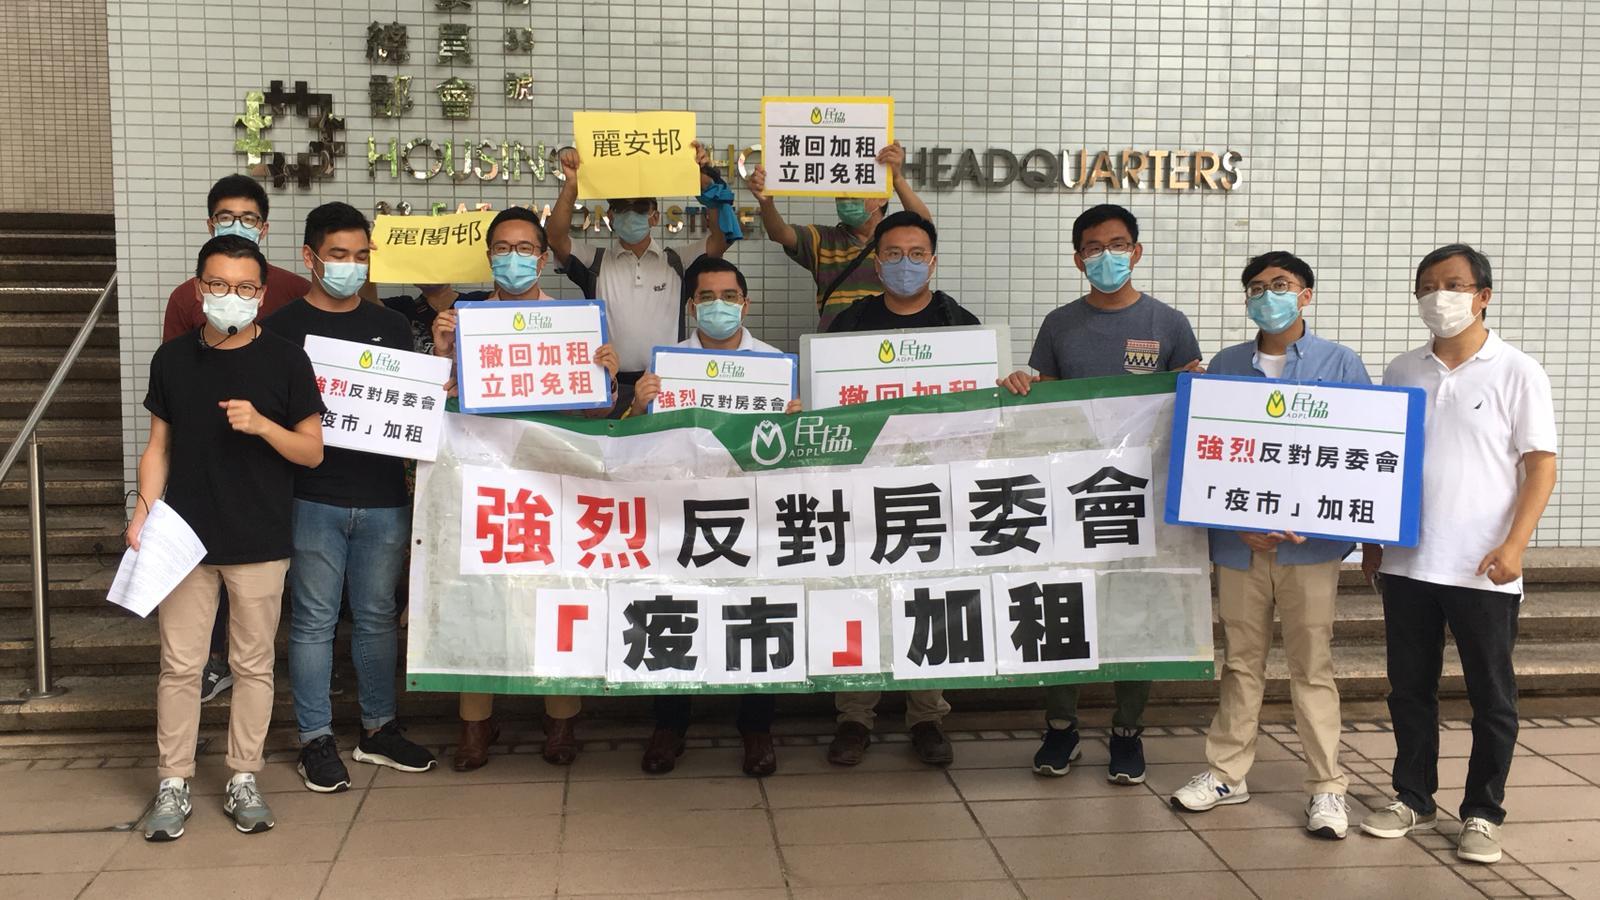 6月24日,民協在房委會前請願,反對公屋加租。(Ivan/大紀元)